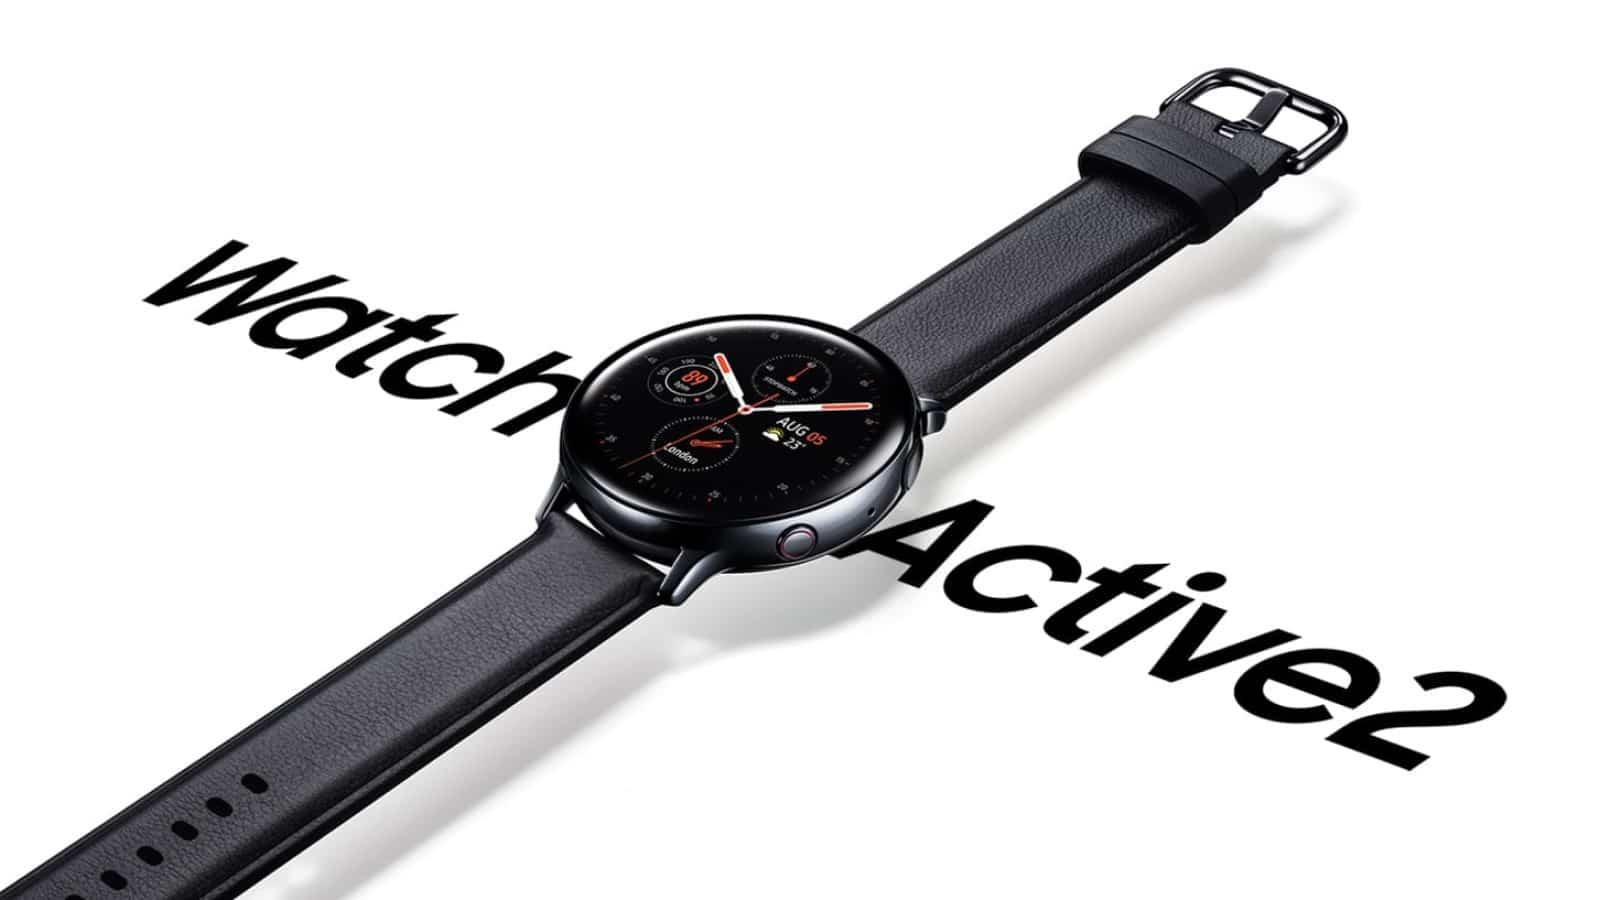 Samsung Galaxy İzle Active 2, bir çerçeve ile, çerçeve kontrolünü geri getiriyor 1